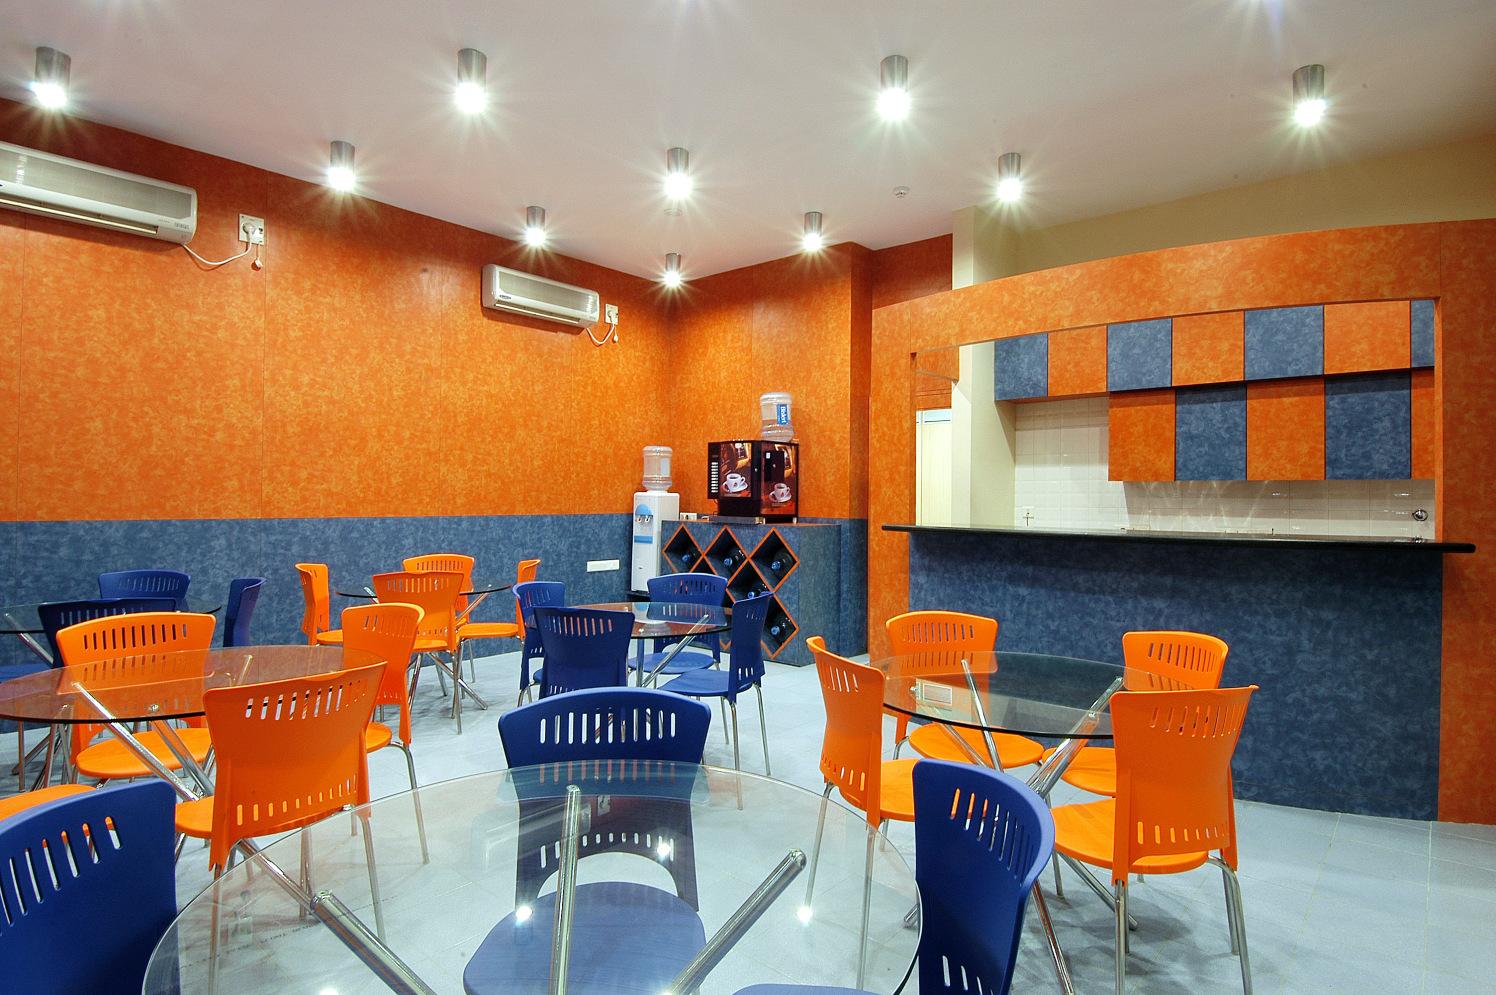 Cafeteria by Amin Sha Modern | Interior Design Photos & Ideas